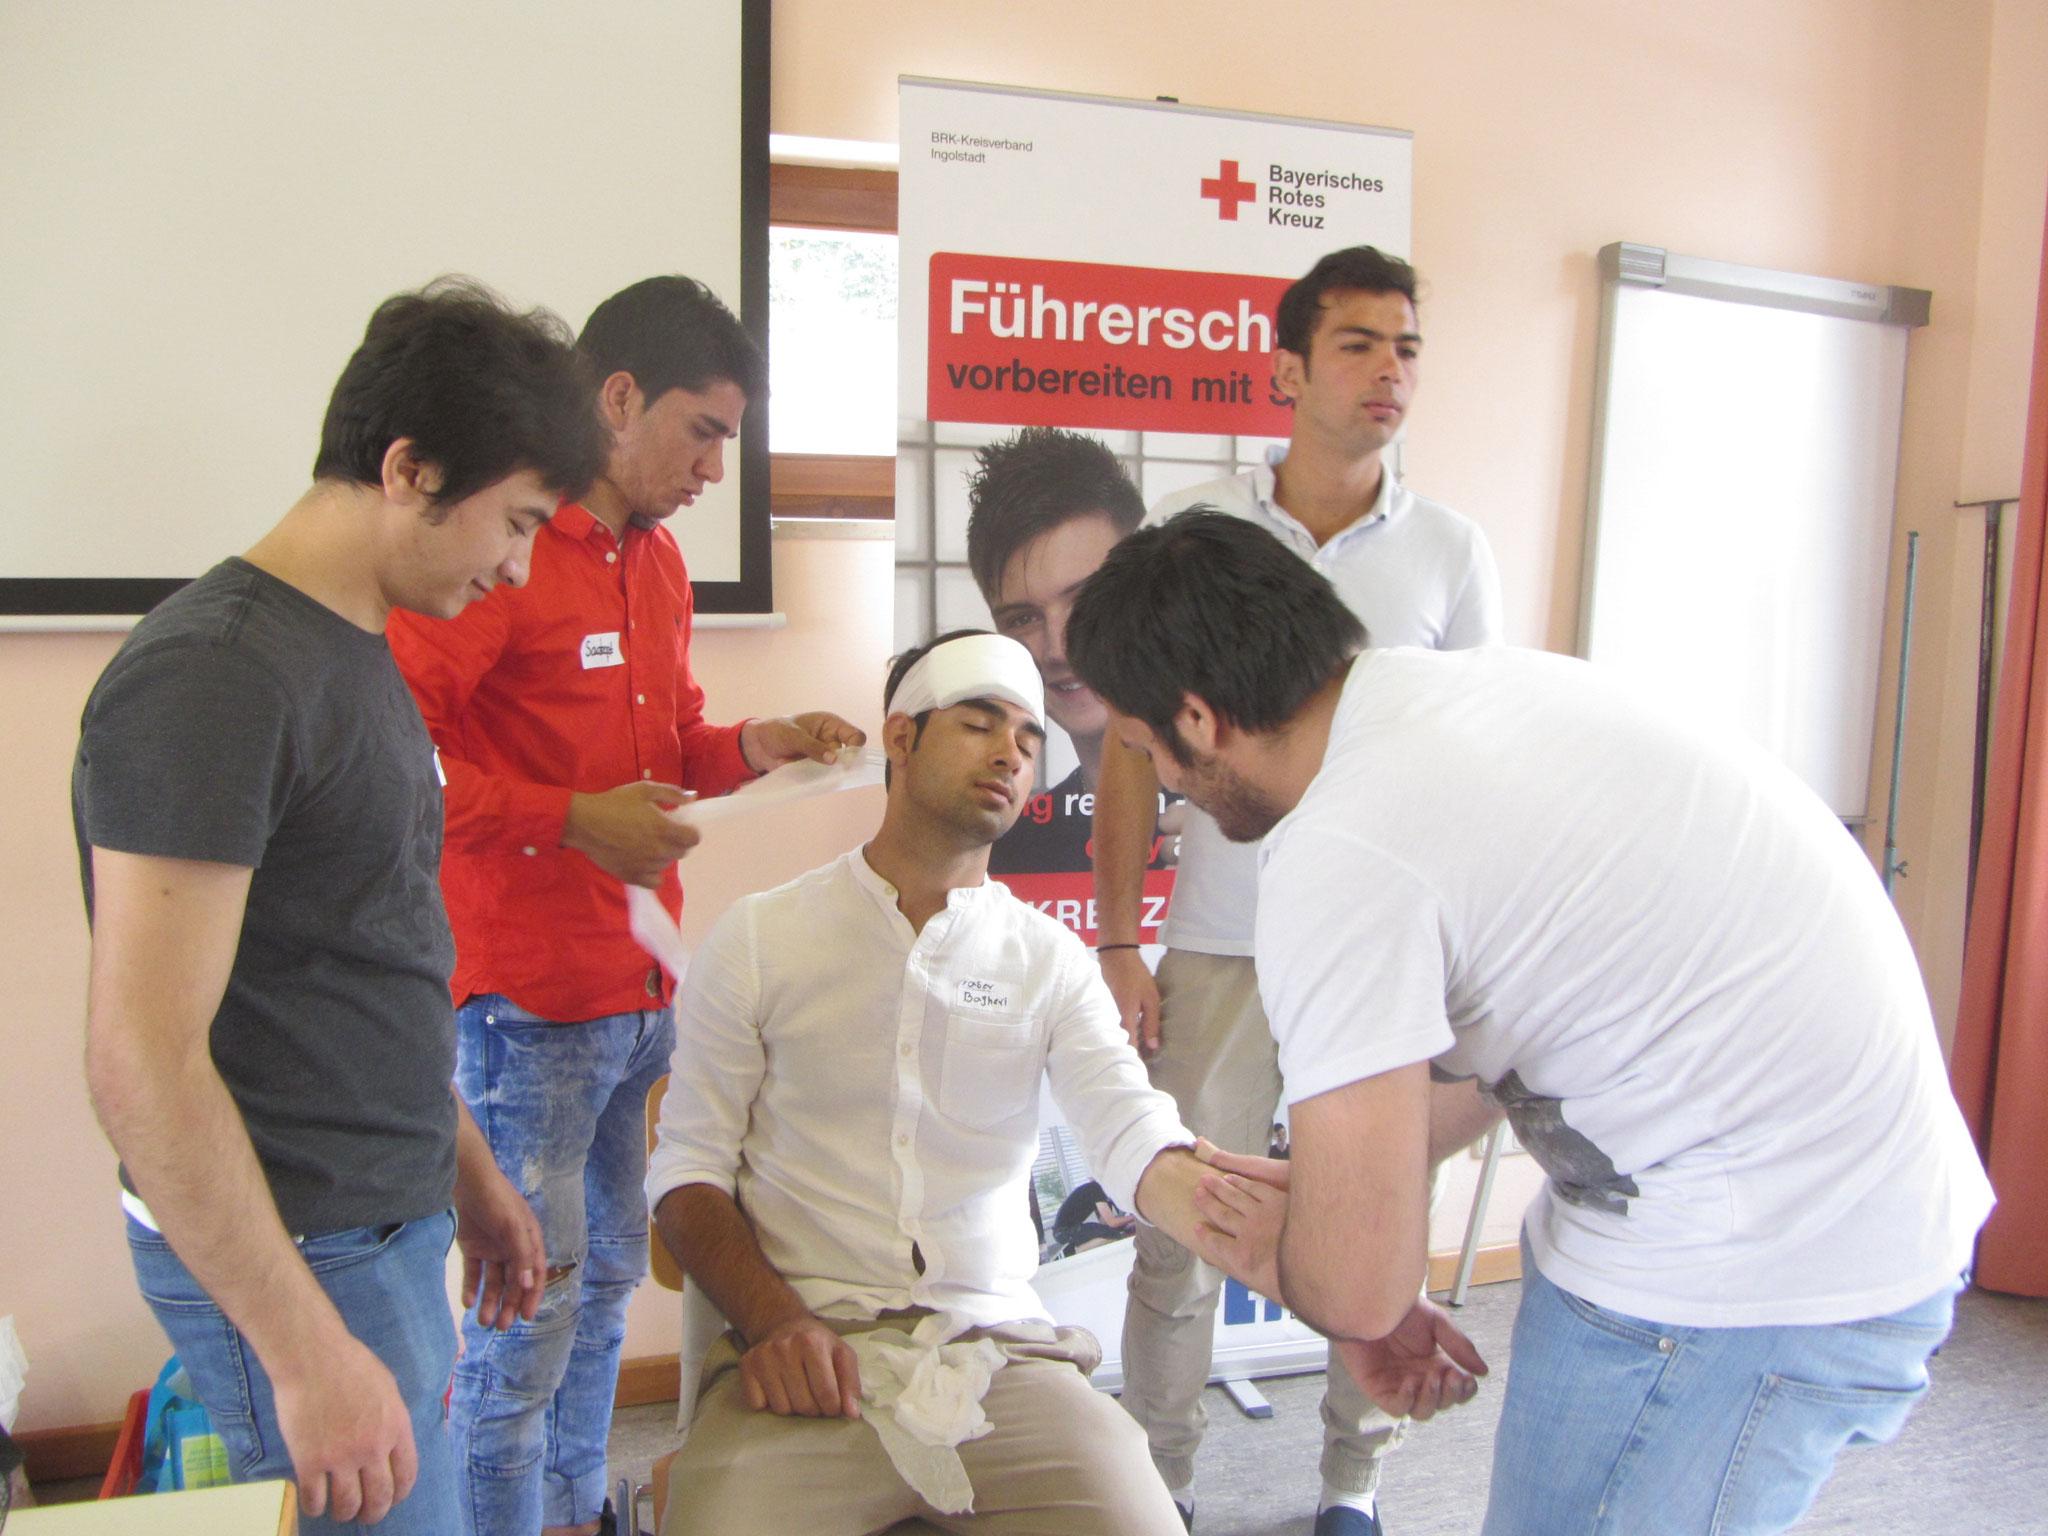 In Fallbeispielen konnten die Jugendlichen das Gelernte schnell umsetzen - vom Notruf über konkrete Erste-Hilfe Maßnahmen bis hin zur psychologischen Betreuung.